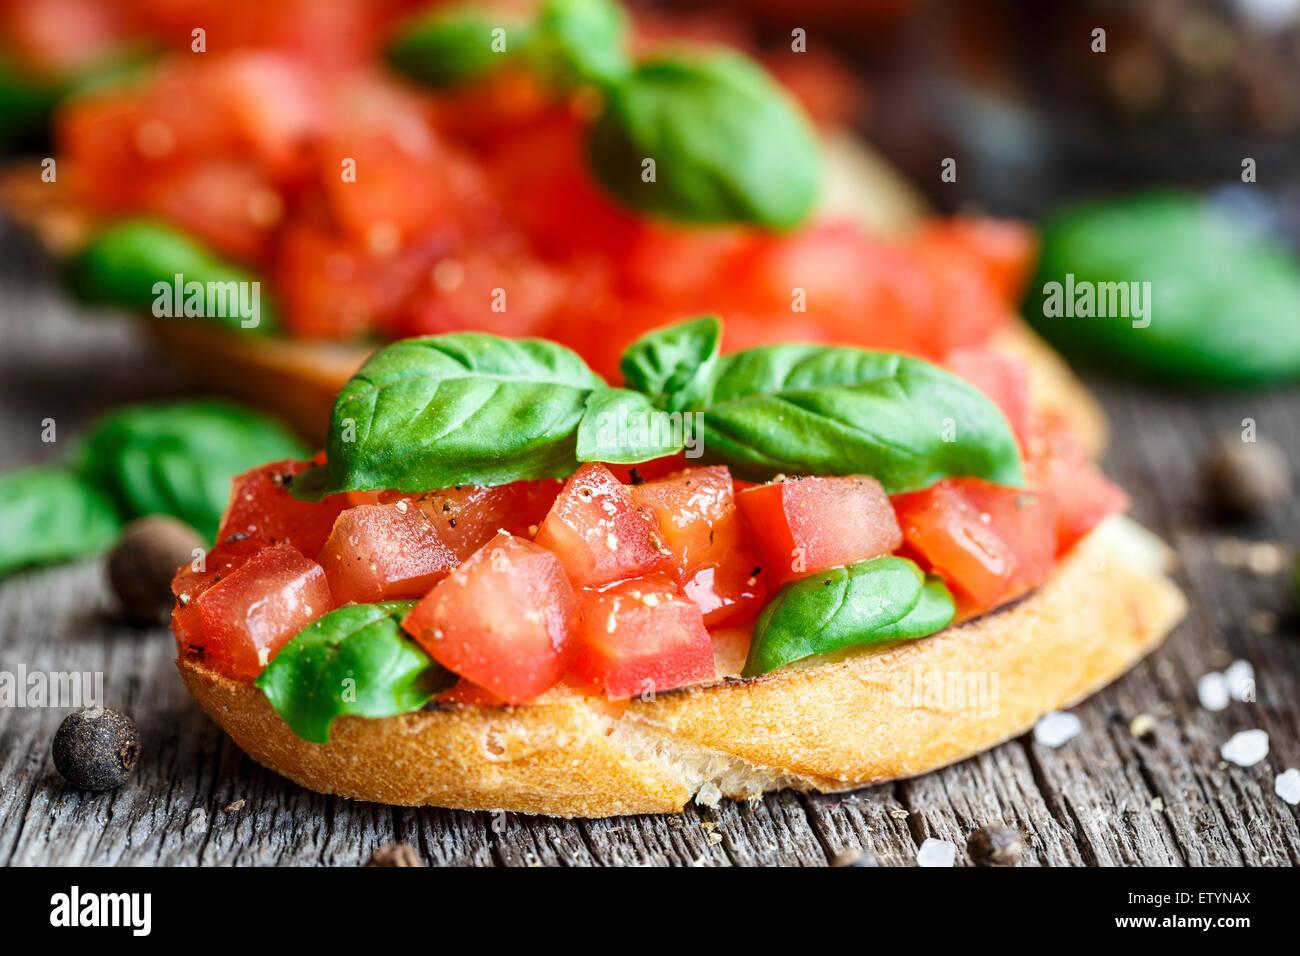 Bruschetta di pomodoro con un trito di pomodori e basilico sul pane tostato Immagini Stock